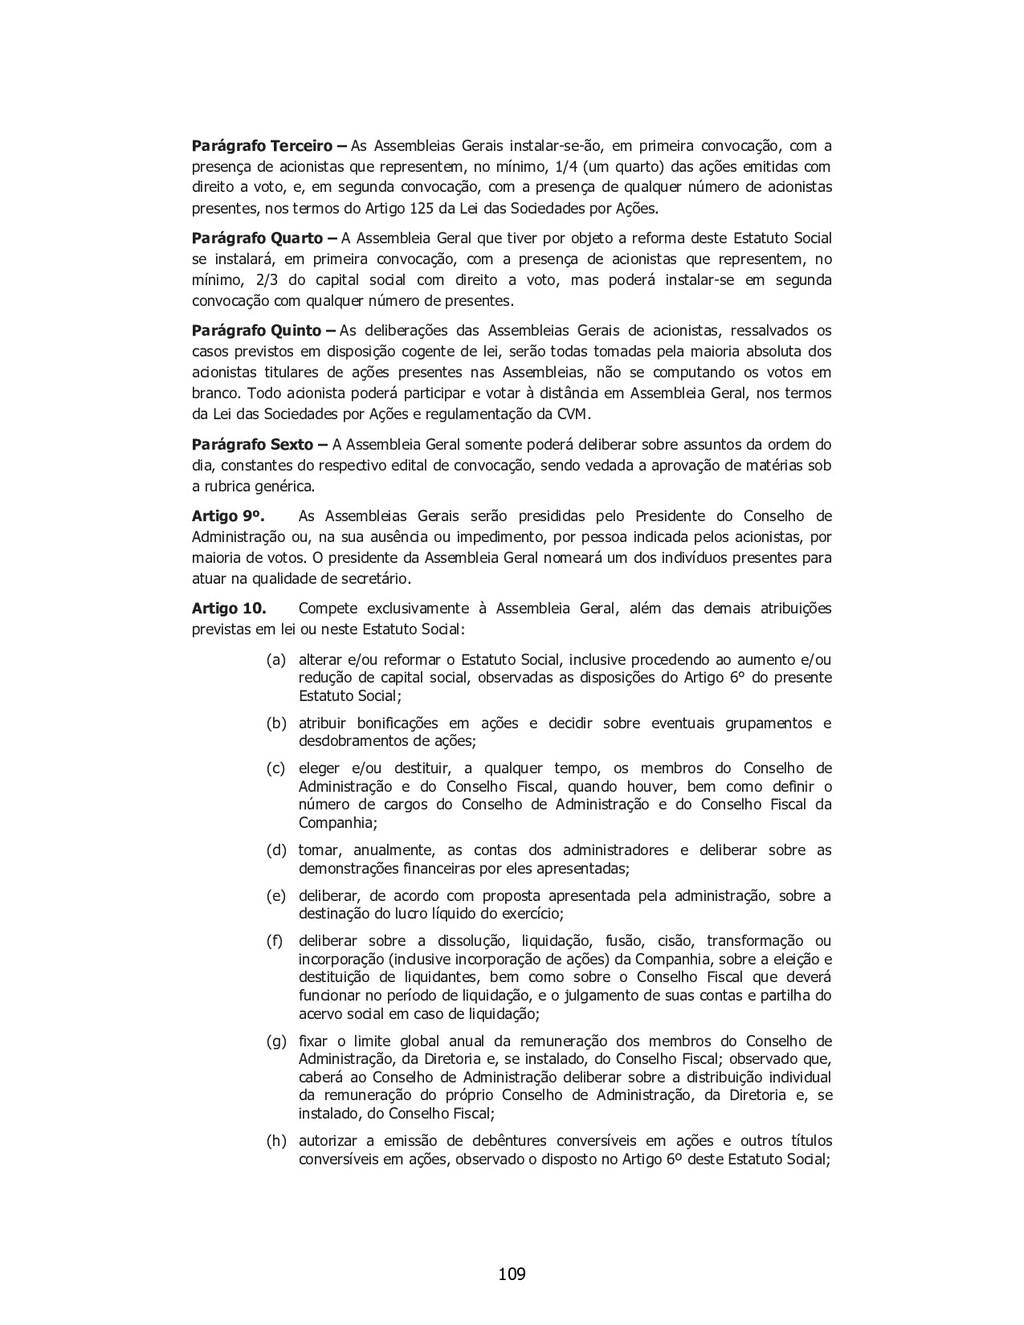 SP - 28538257v1 Parágrafo Terceiro – As Assembl...